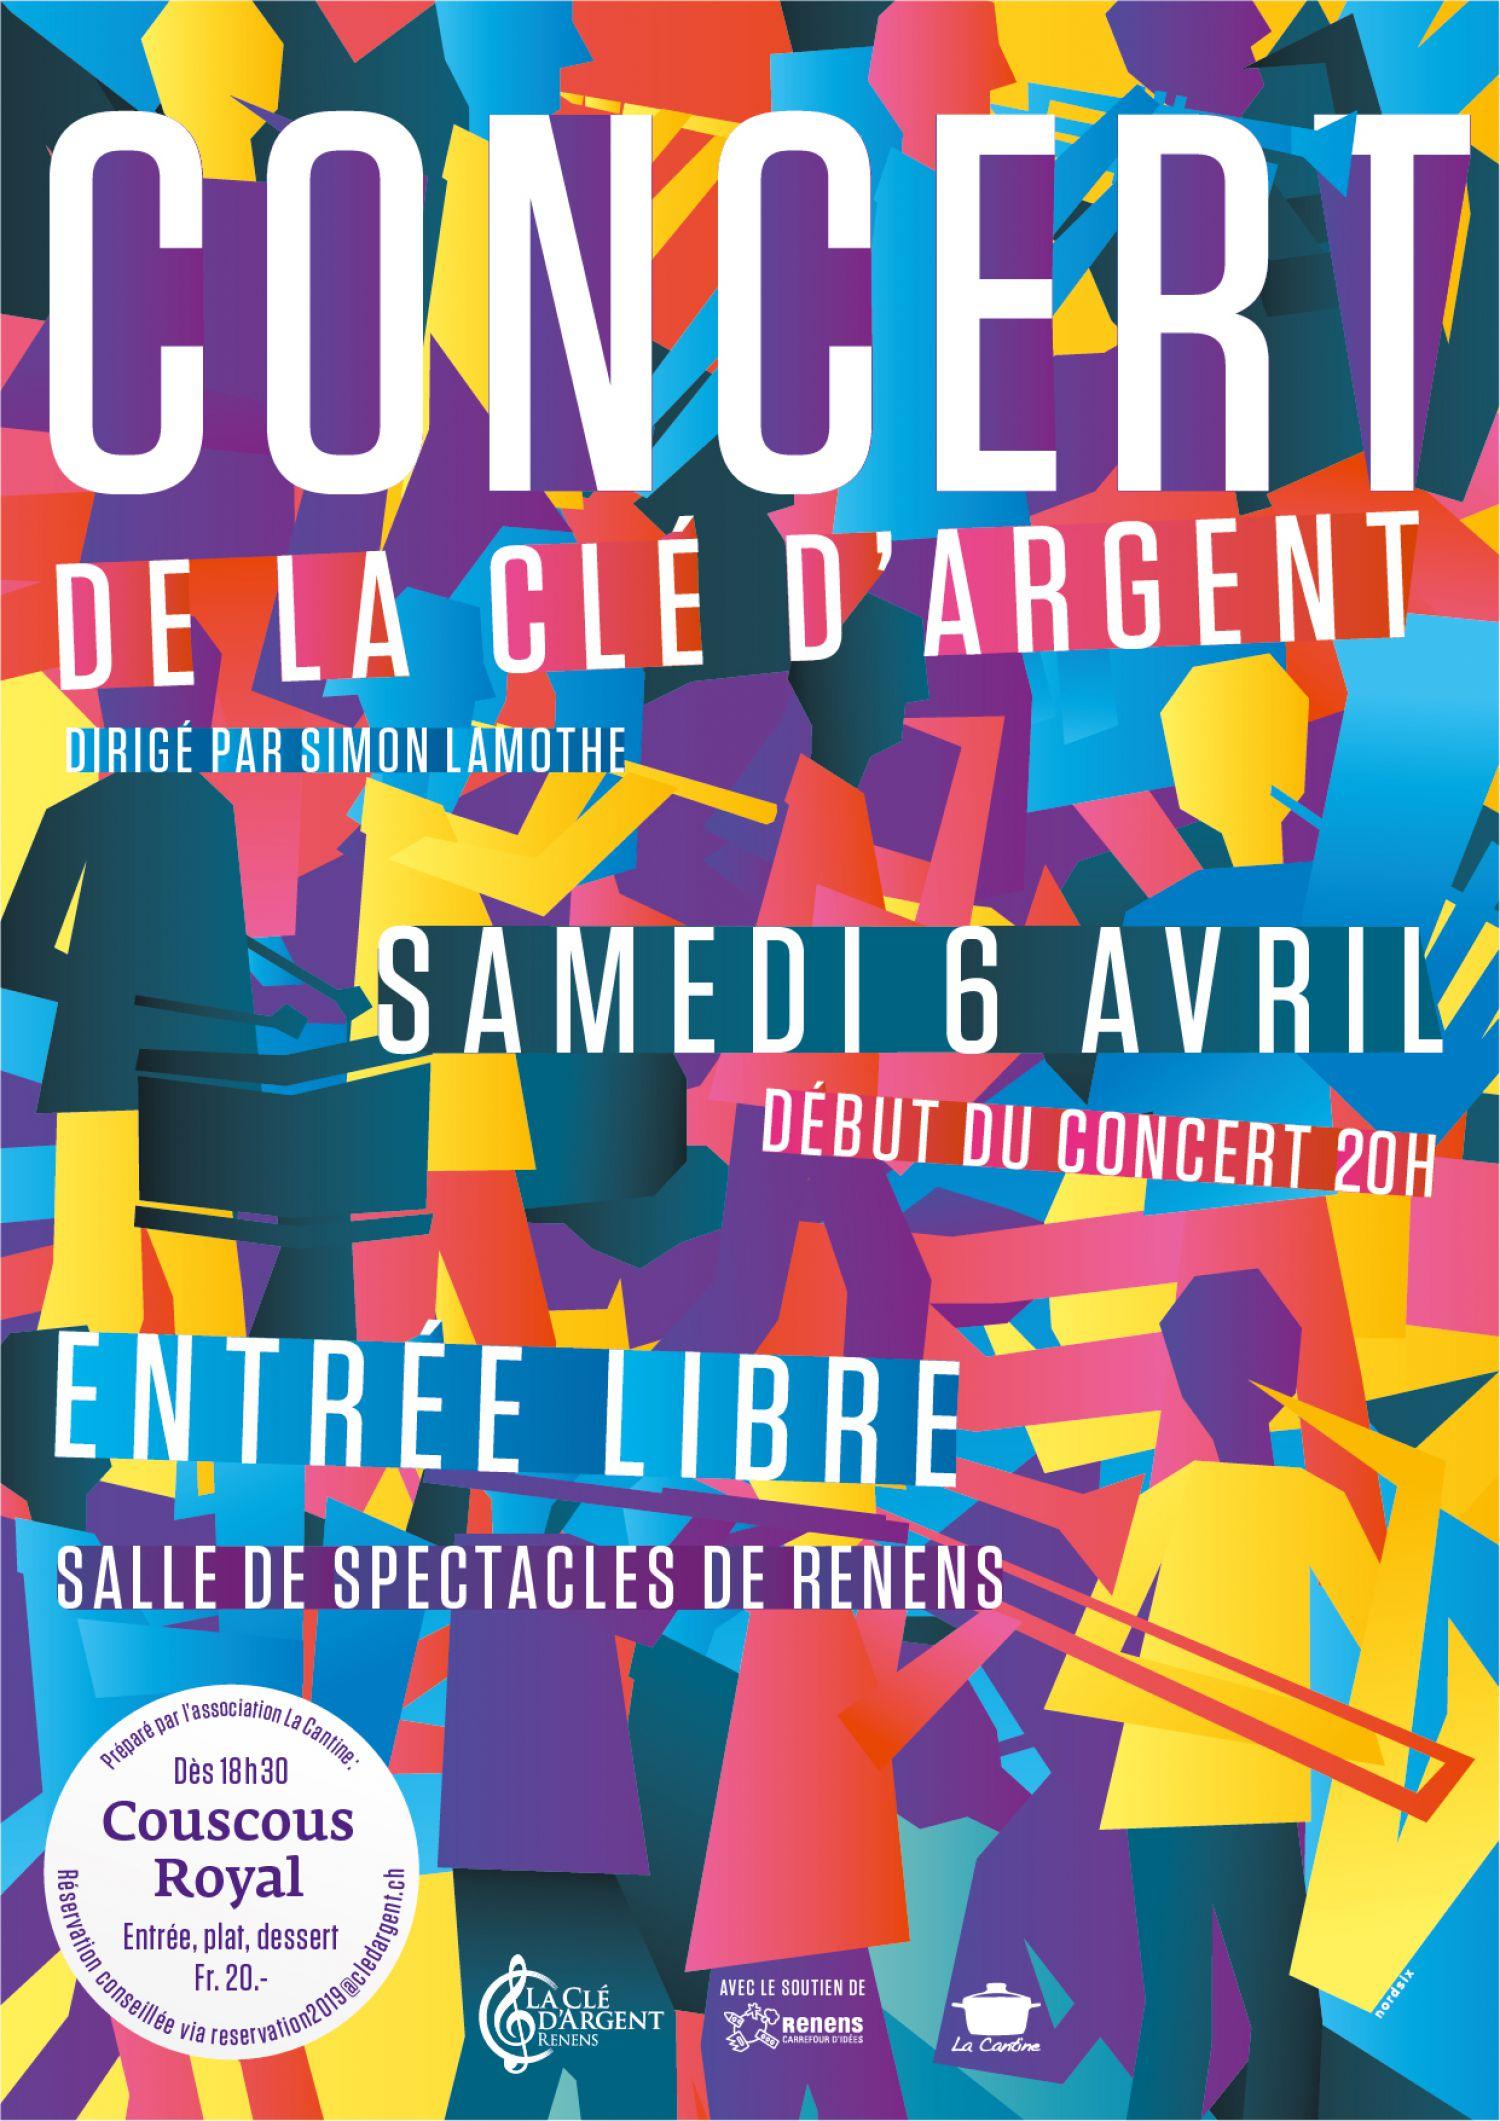 Concert annuel de La Clé d'Argent